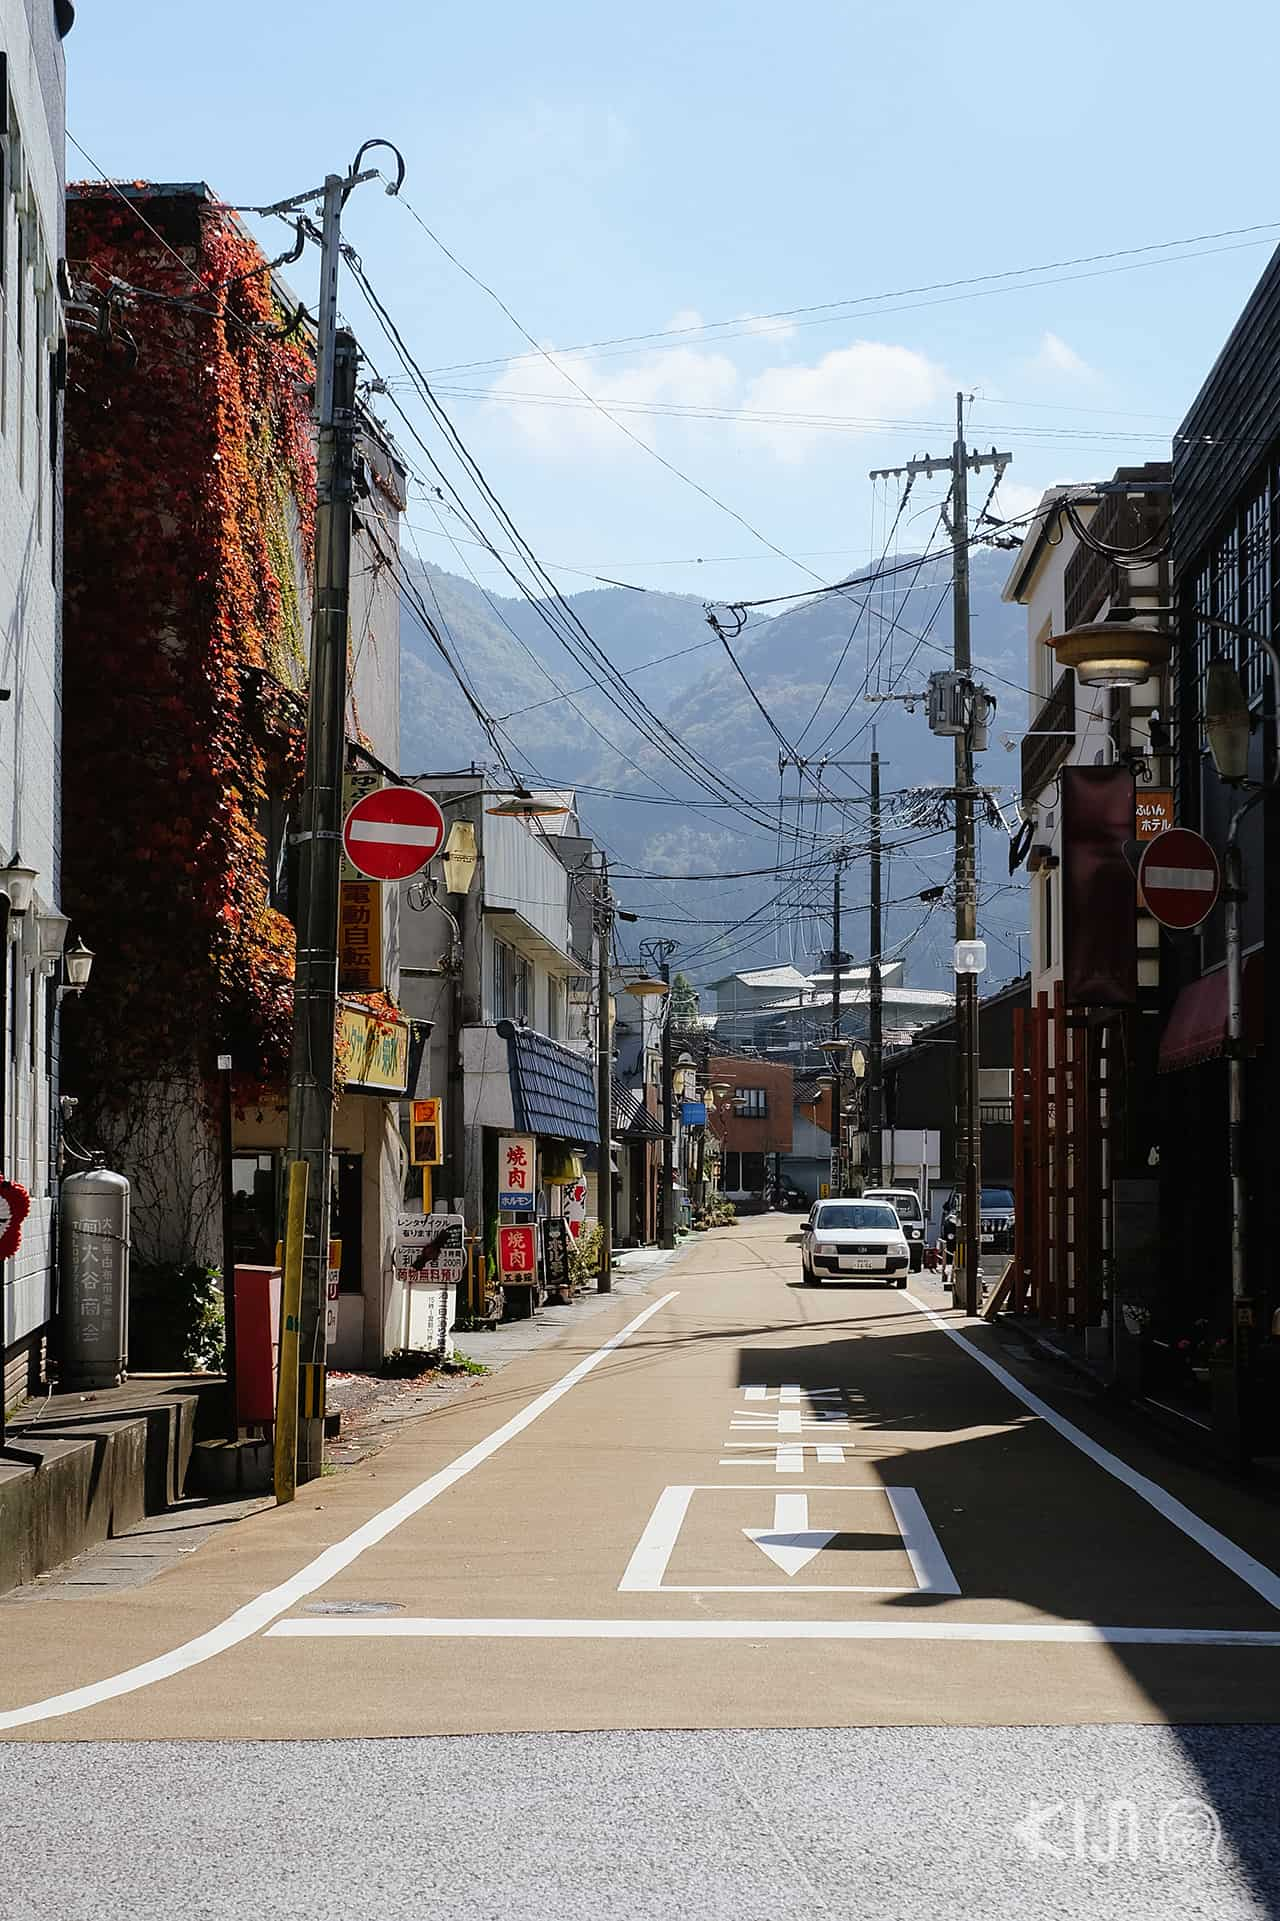 หมู่บ้านยุฟุอิน (yufuin)